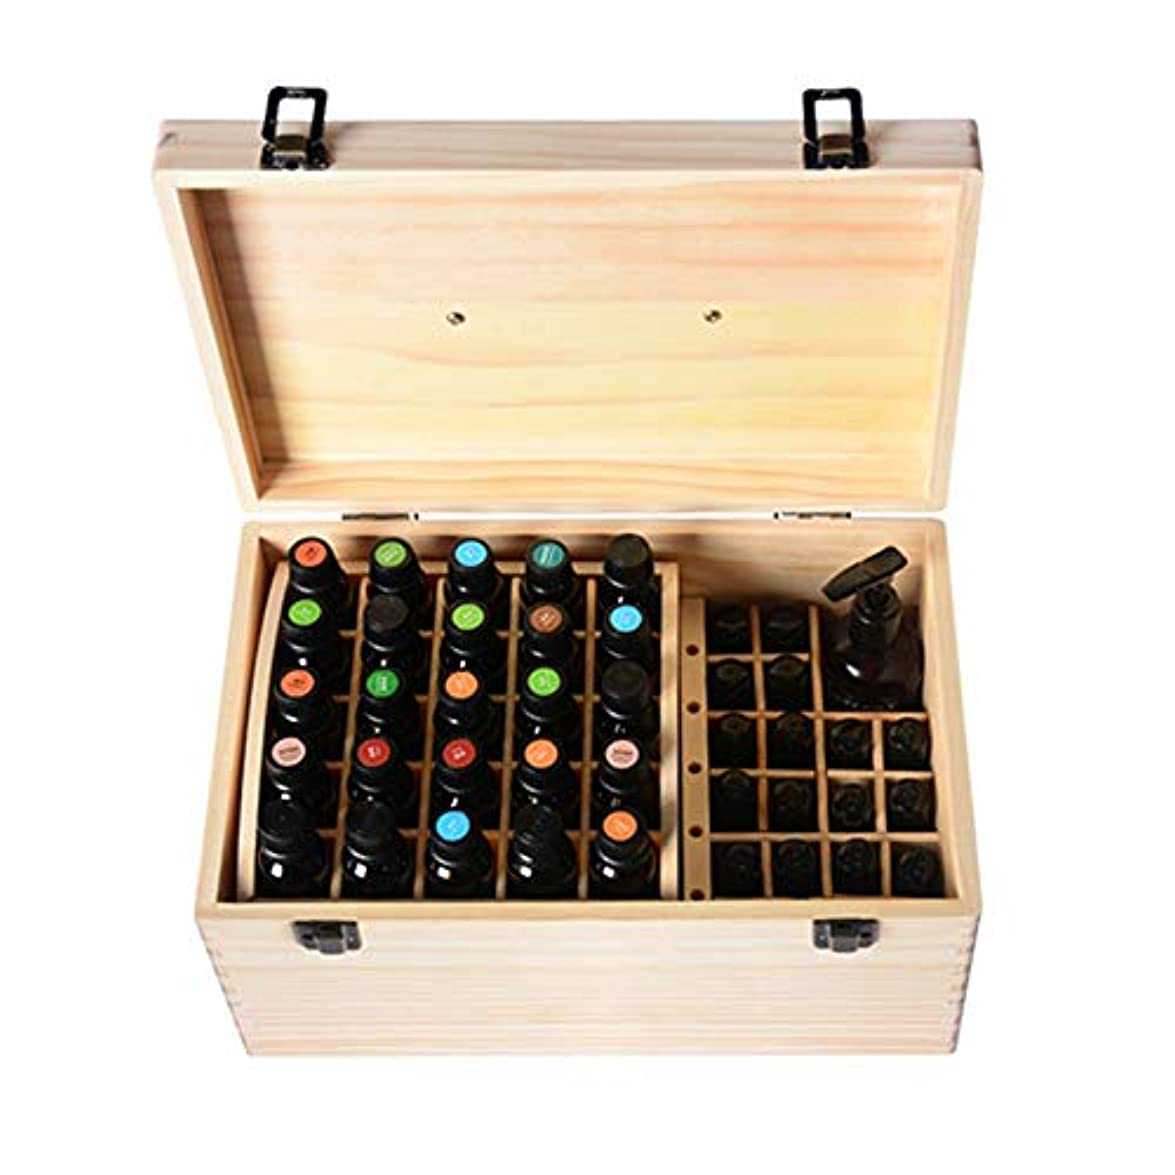 付き添い人少年むしゃむしゃエッセンシャルオイルの保管 74スロット木エッセンシャルオイルボックス収納ケース内部のリムーバブルは15/10 M1のボトルナチュラルパインを開催します (色 : Natural, サイズ : 35X20X16.5CM)